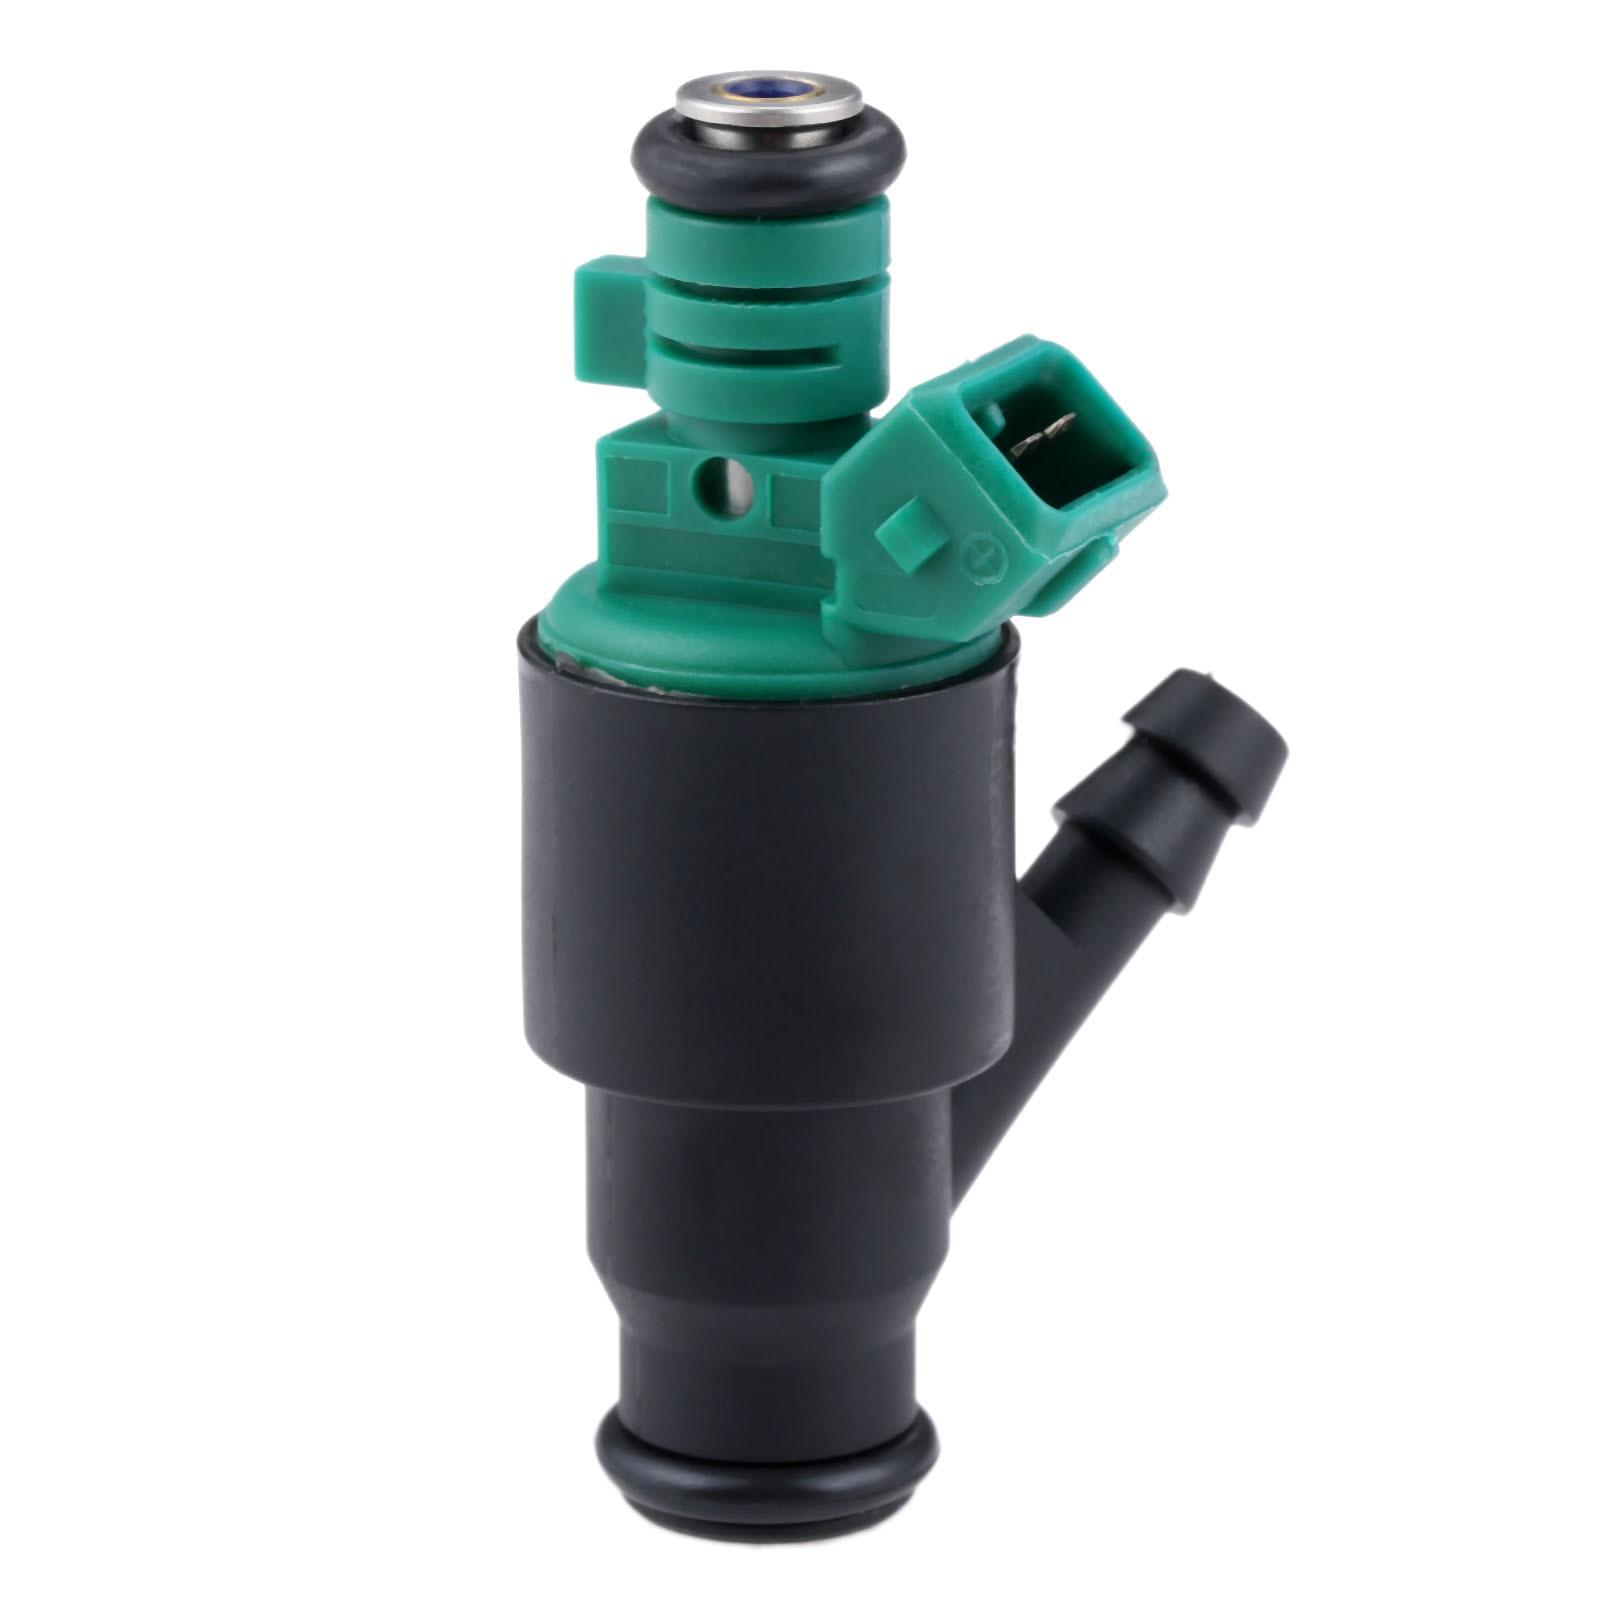 Image 2 - Yetaha новый топливный инжектор для Kia Sportage 2.0L 0280150502 0K01D13250 84212229 автомобильные аксессуары для топлива-in Топливный инжектор from Автомобили и мотоциклы